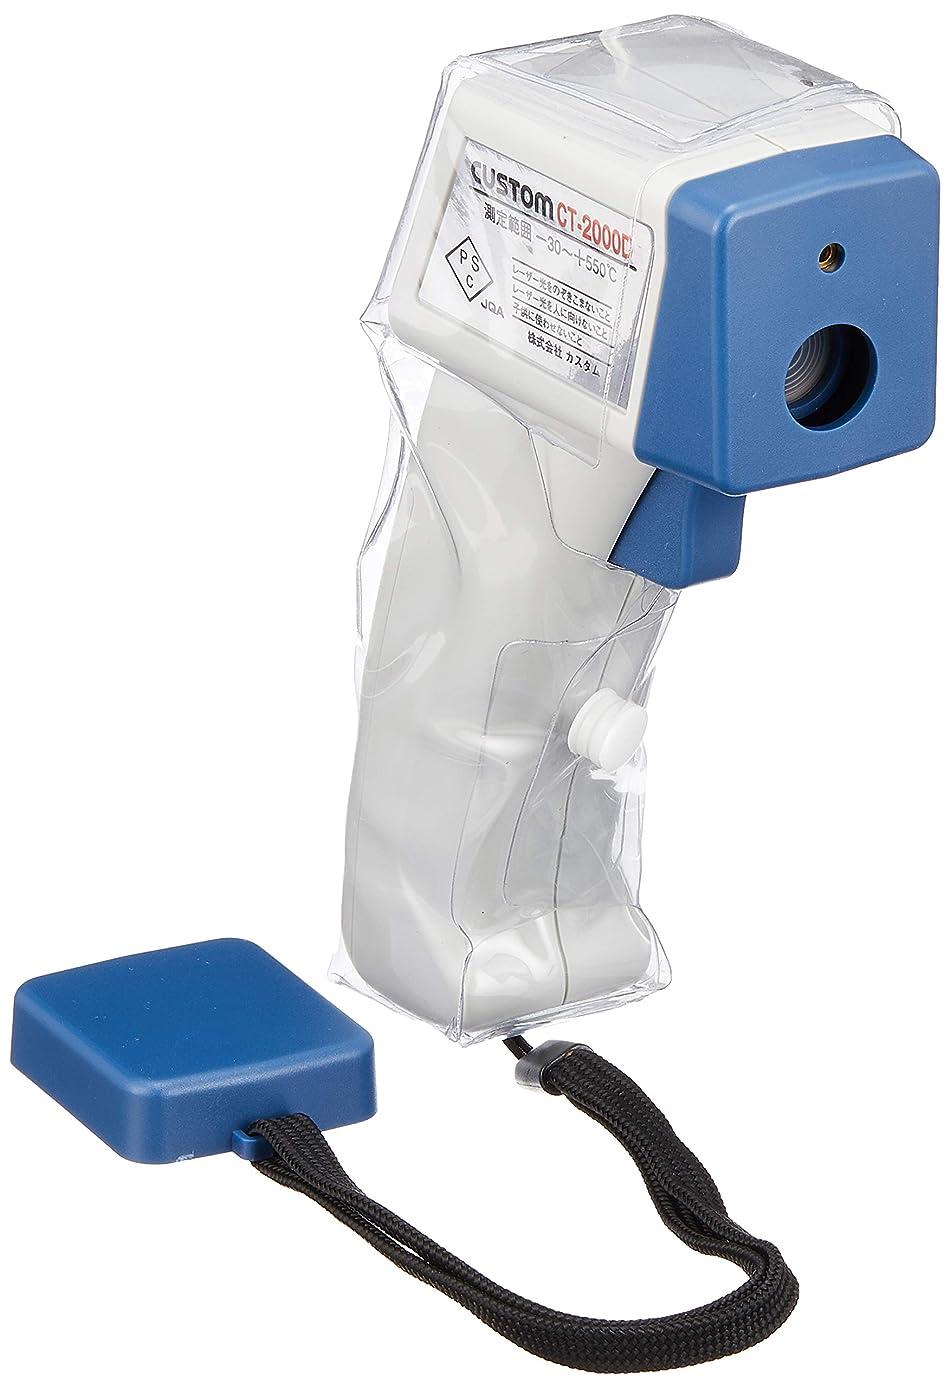 トライアスリートプーノ脱臼するカスタム 放射温度計 CT-2000D